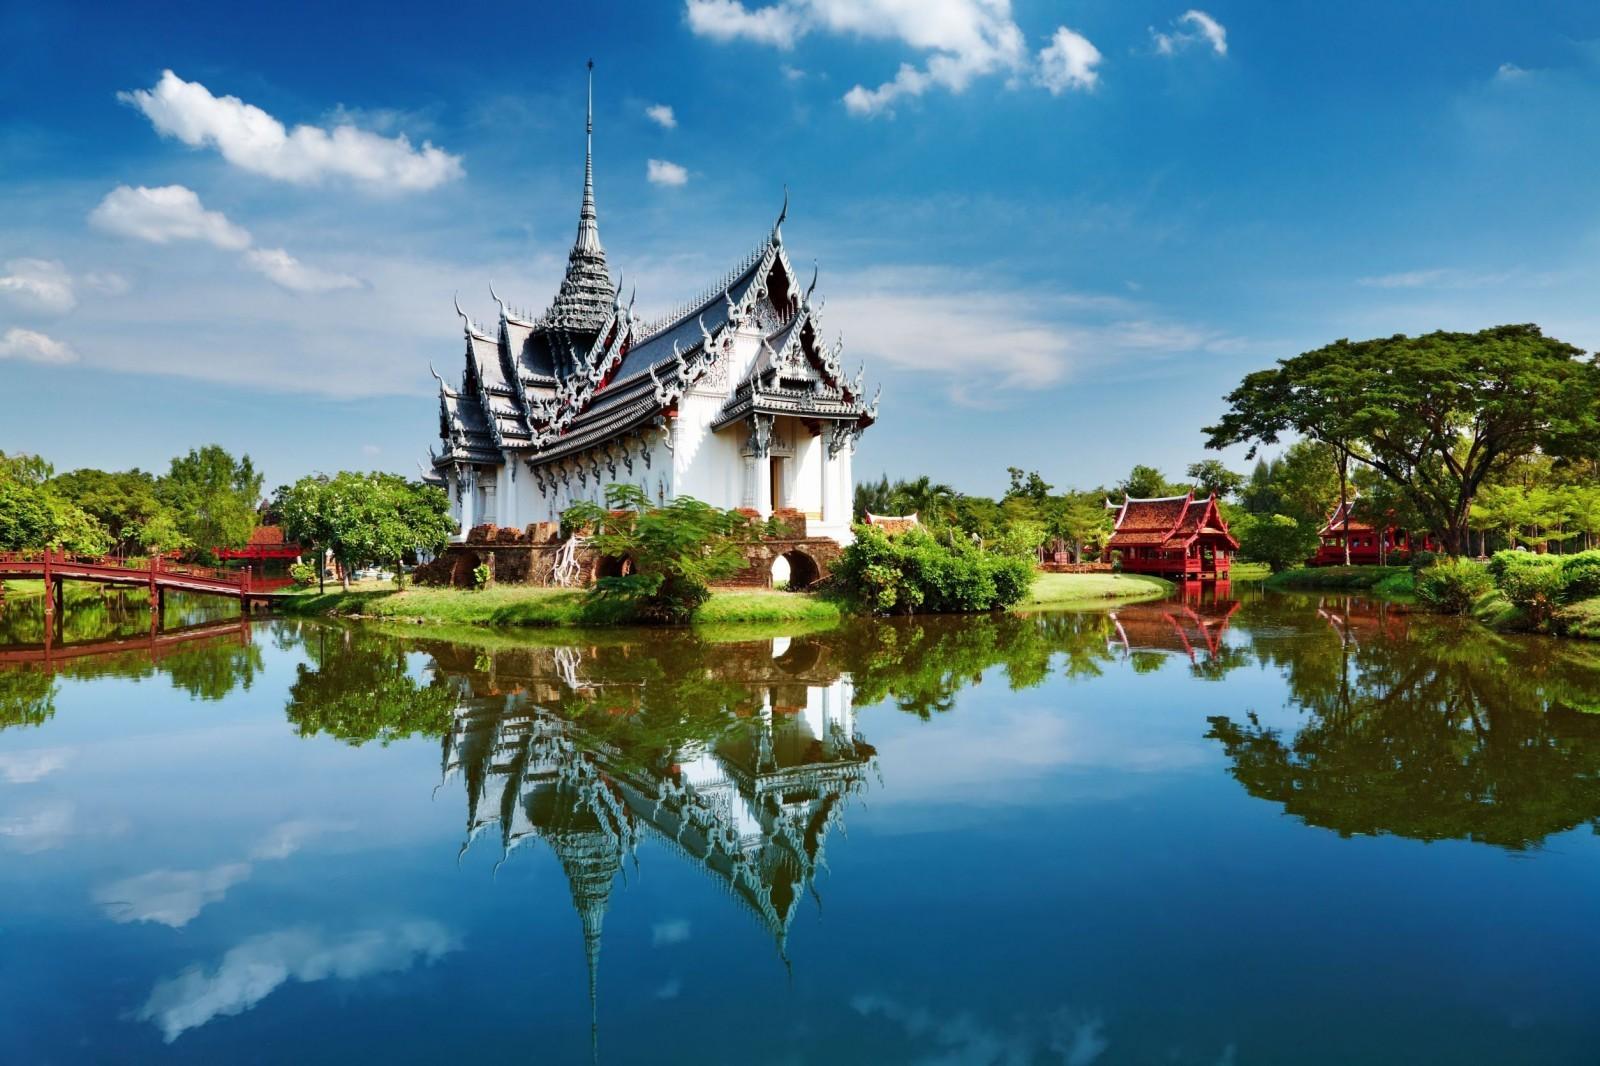 بانکوک پایتخت تایلند